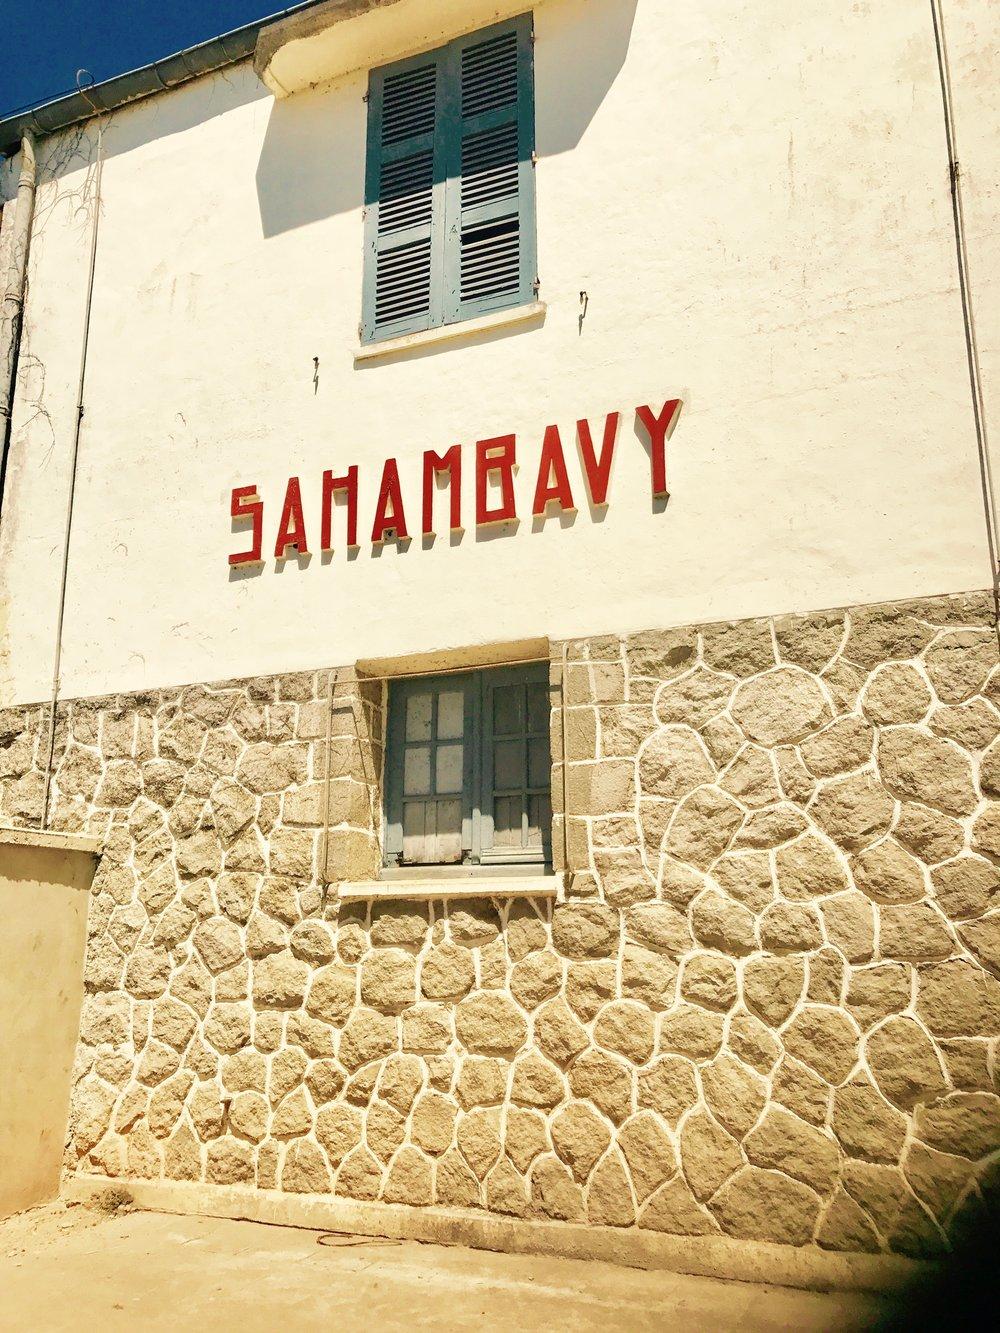 Sahambavy